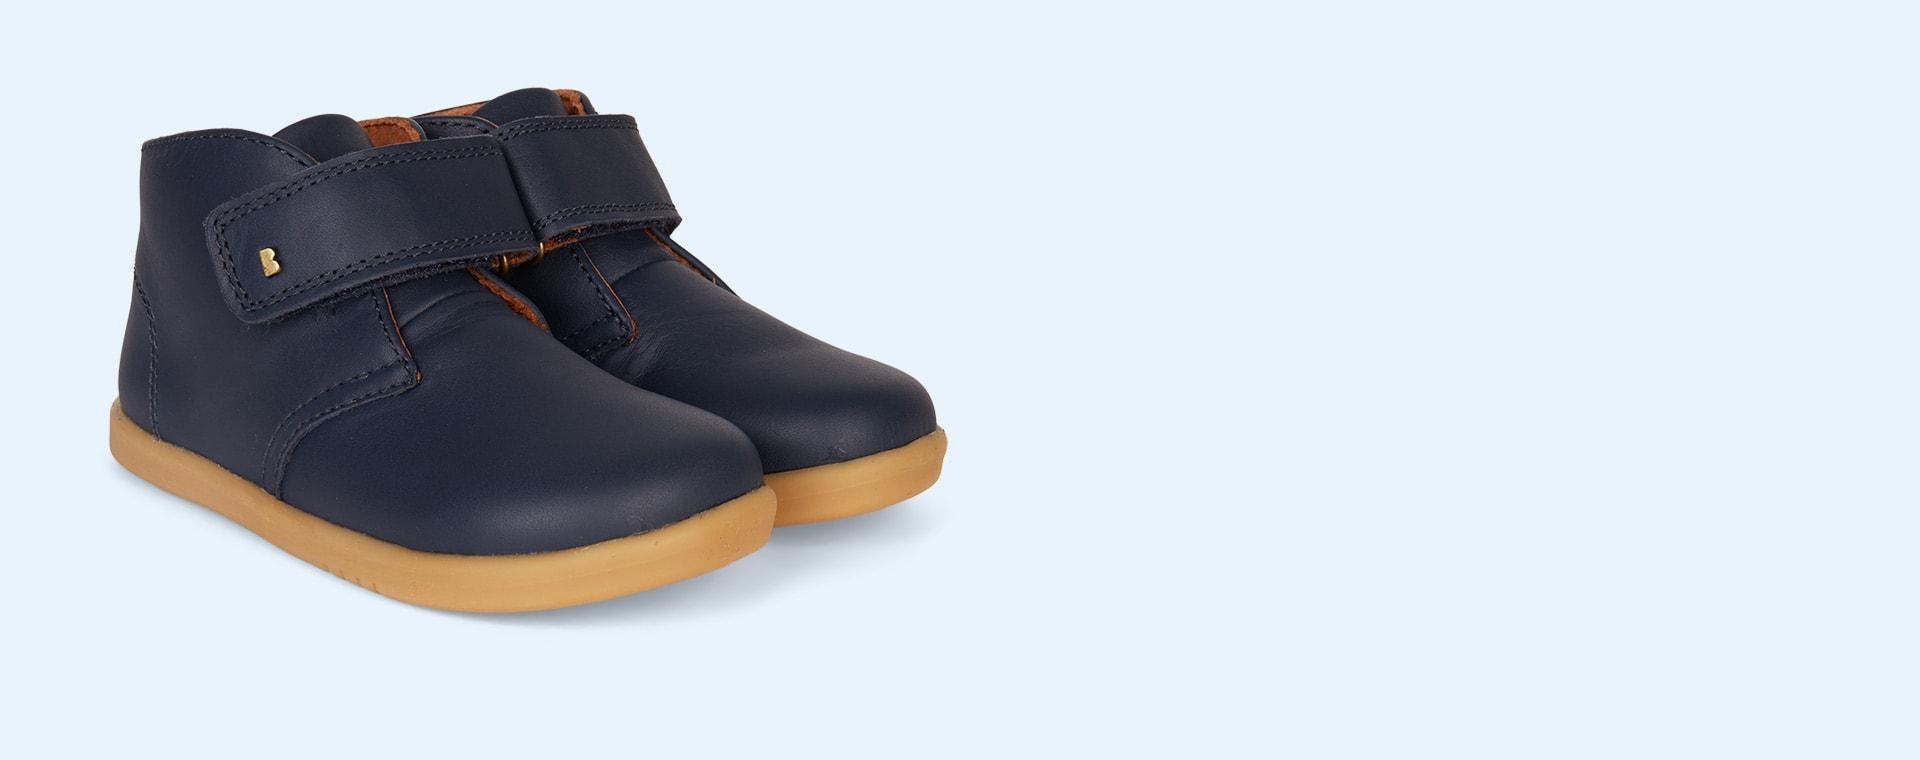 Navy Bobux Desert I-Walk Boot